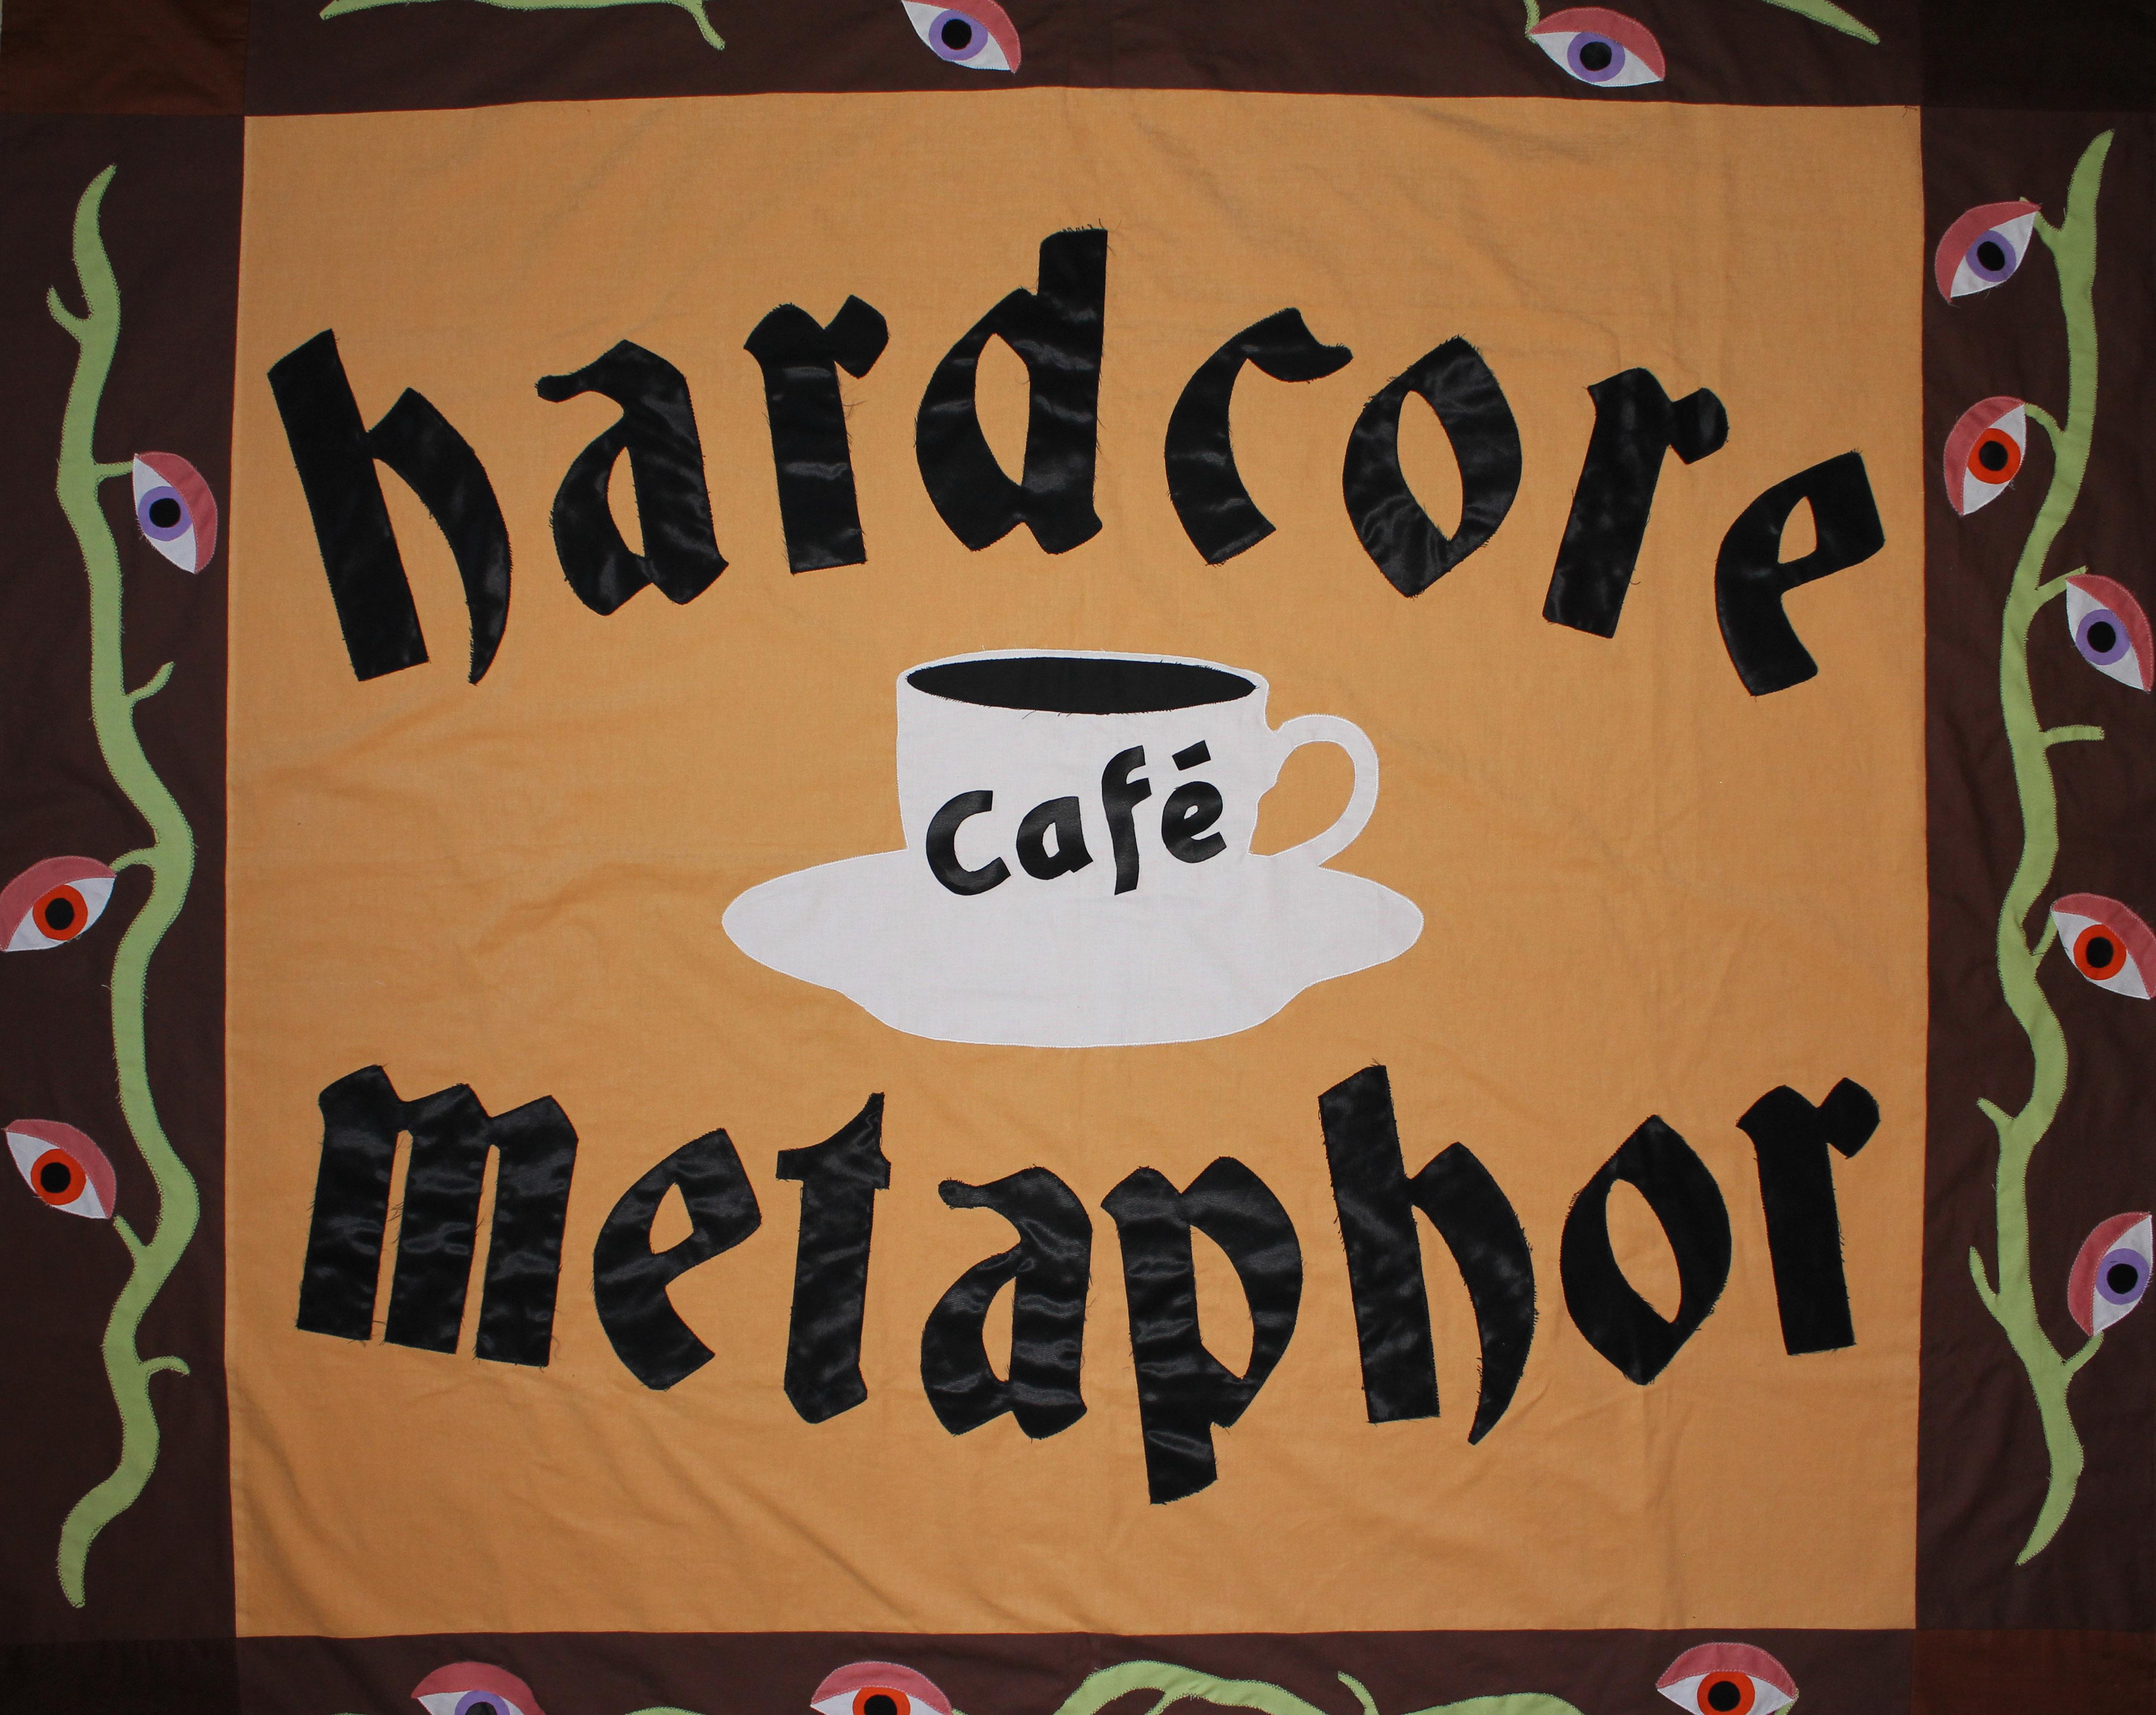 Cafe event